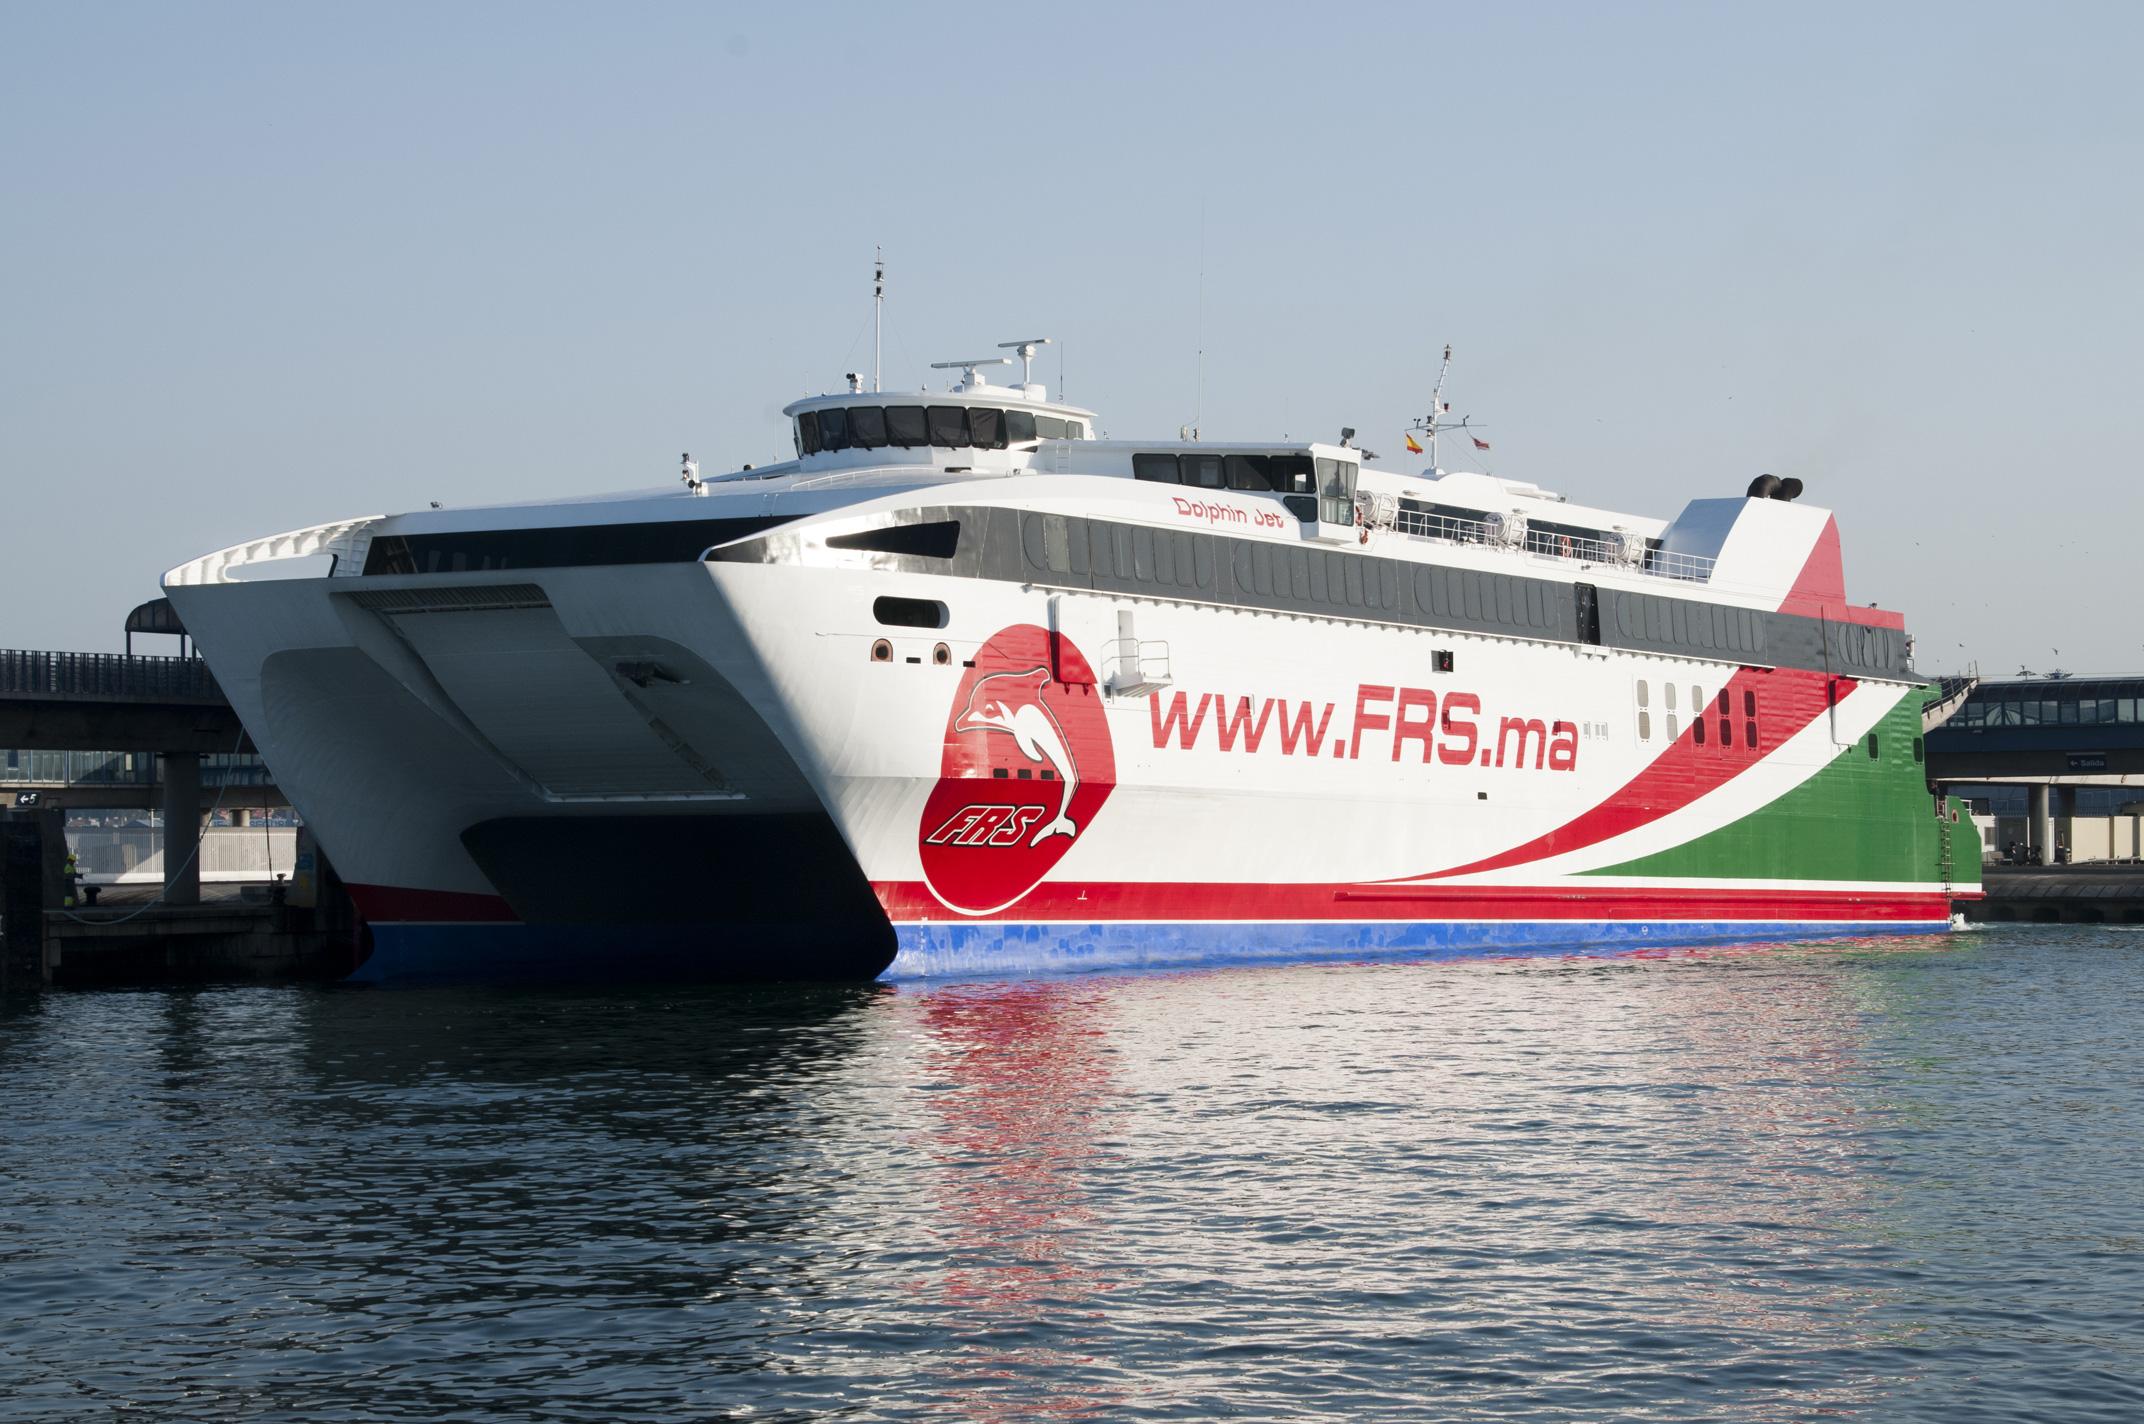 Transport maritime : FRS met en place une nouvelle plateforme de réservation